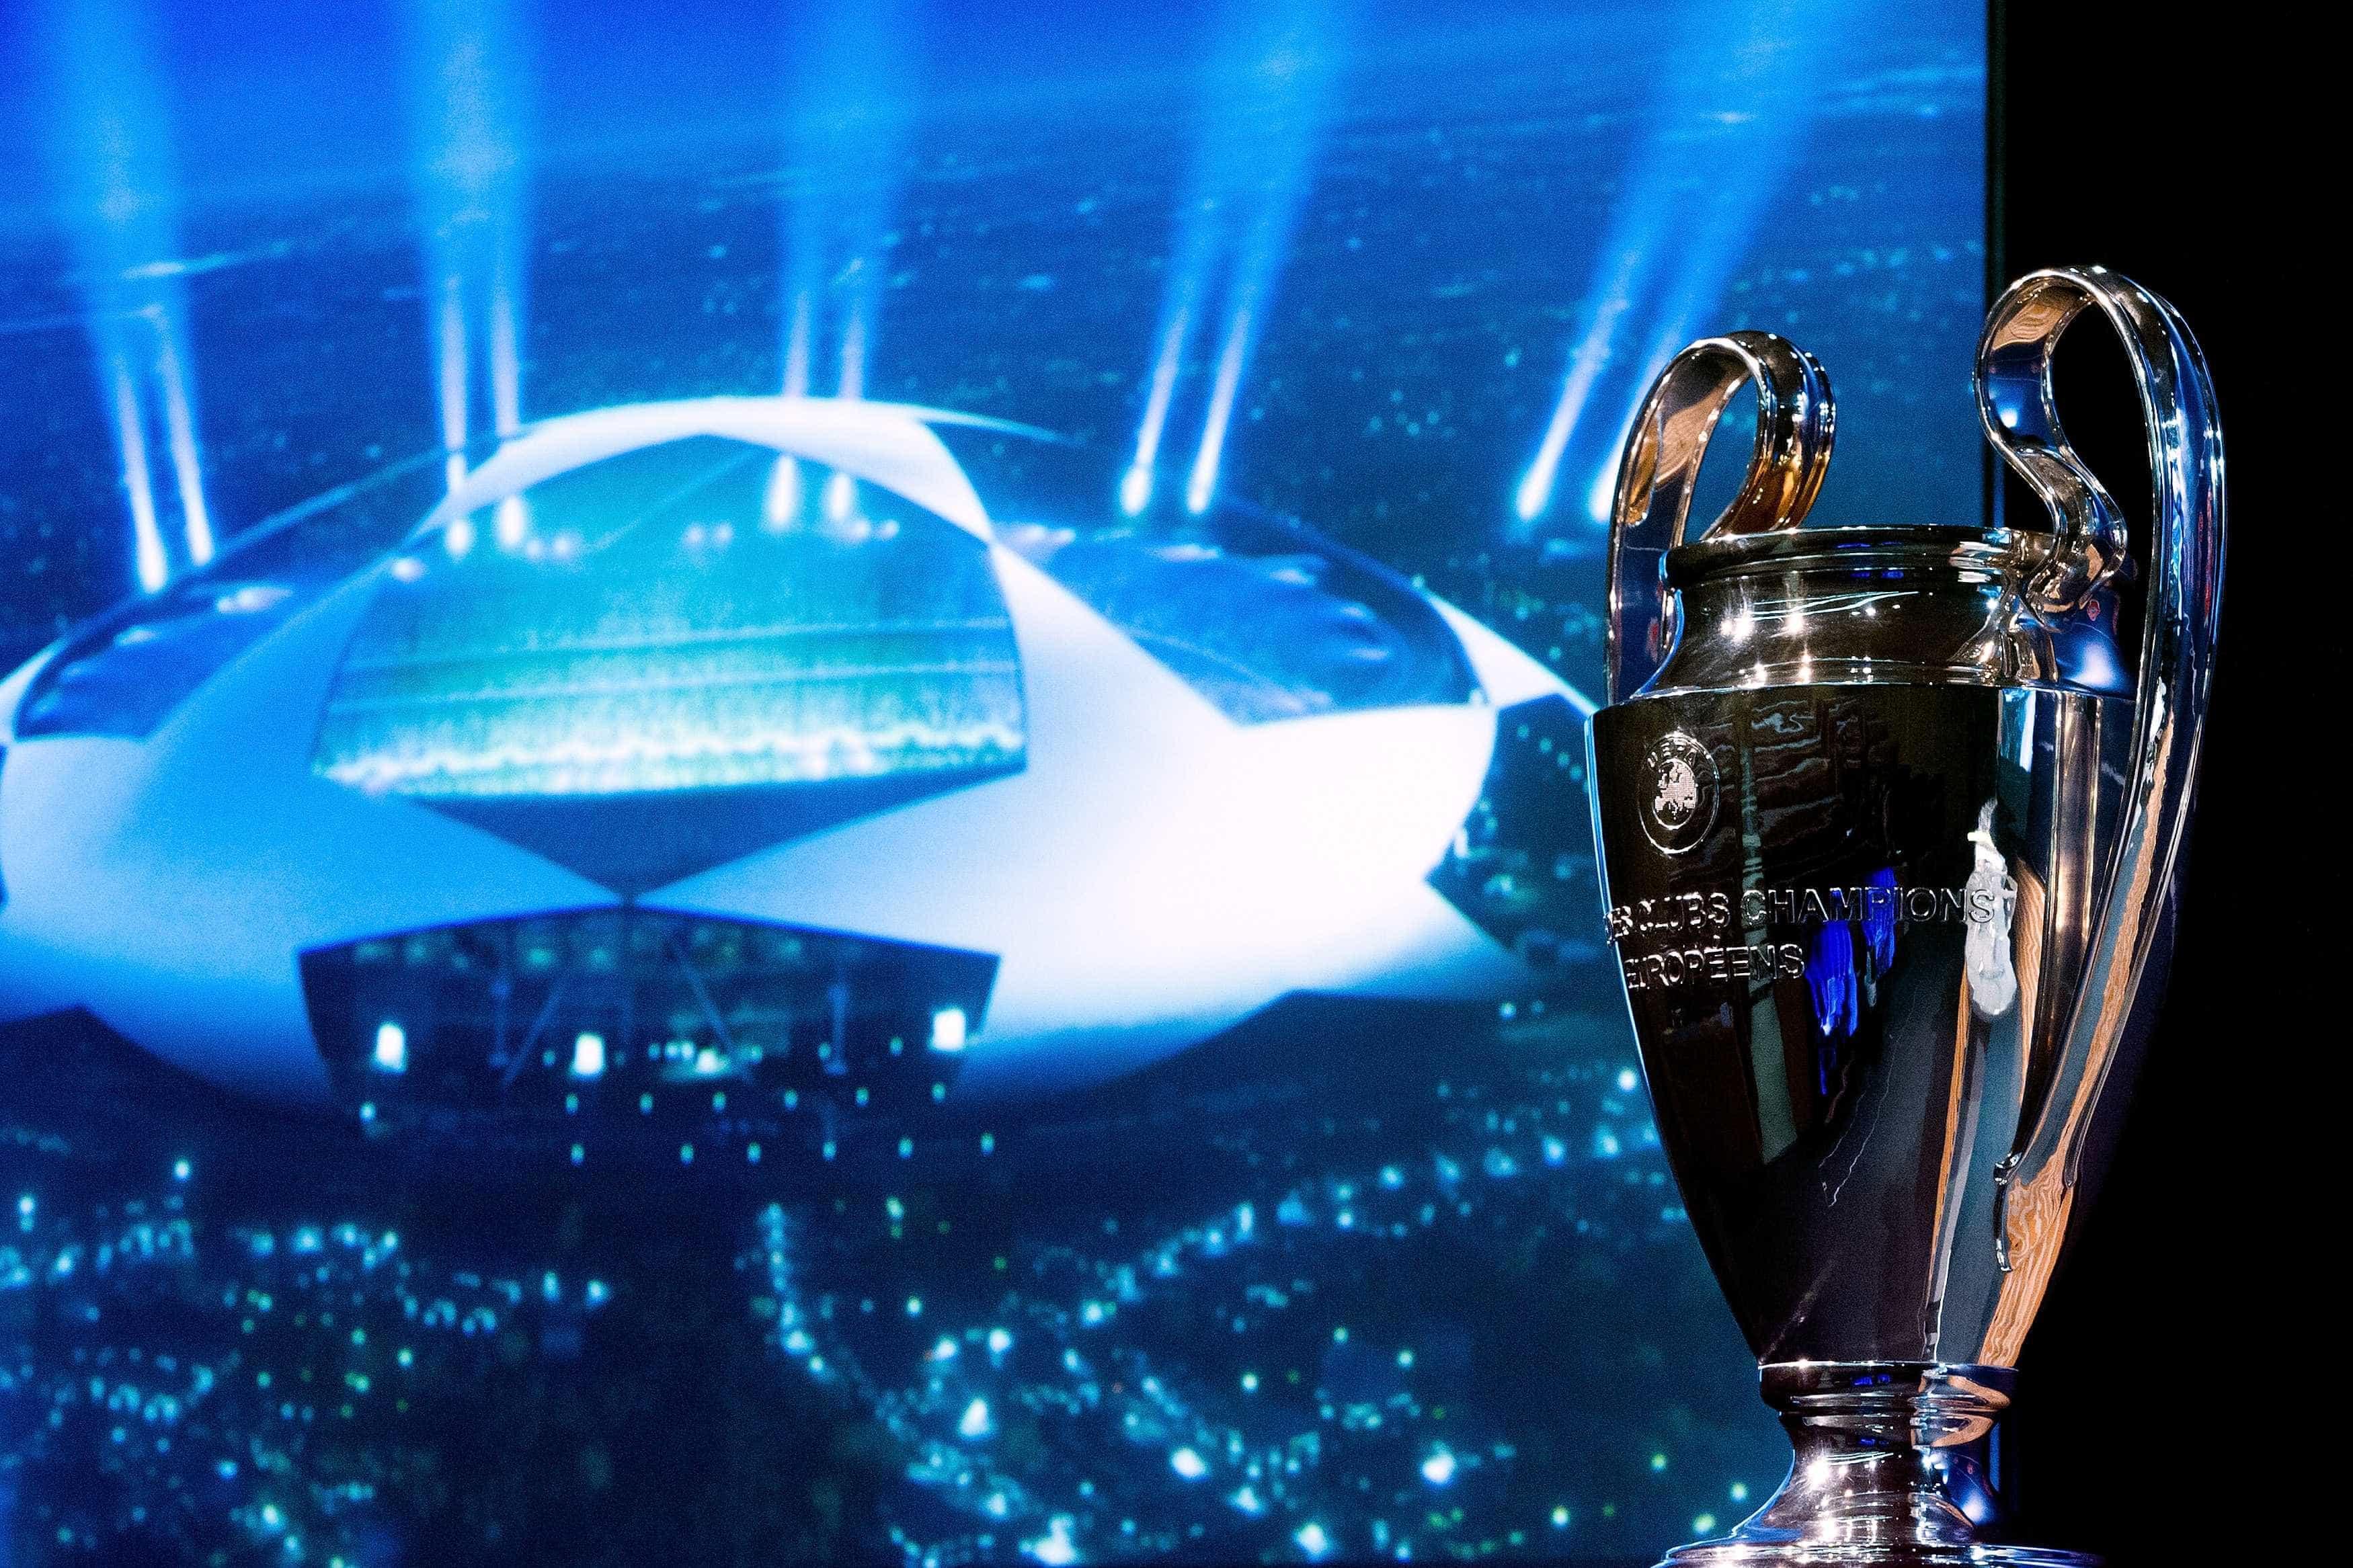 UEFA quer Manchester City e PSG afastados das provas europeias